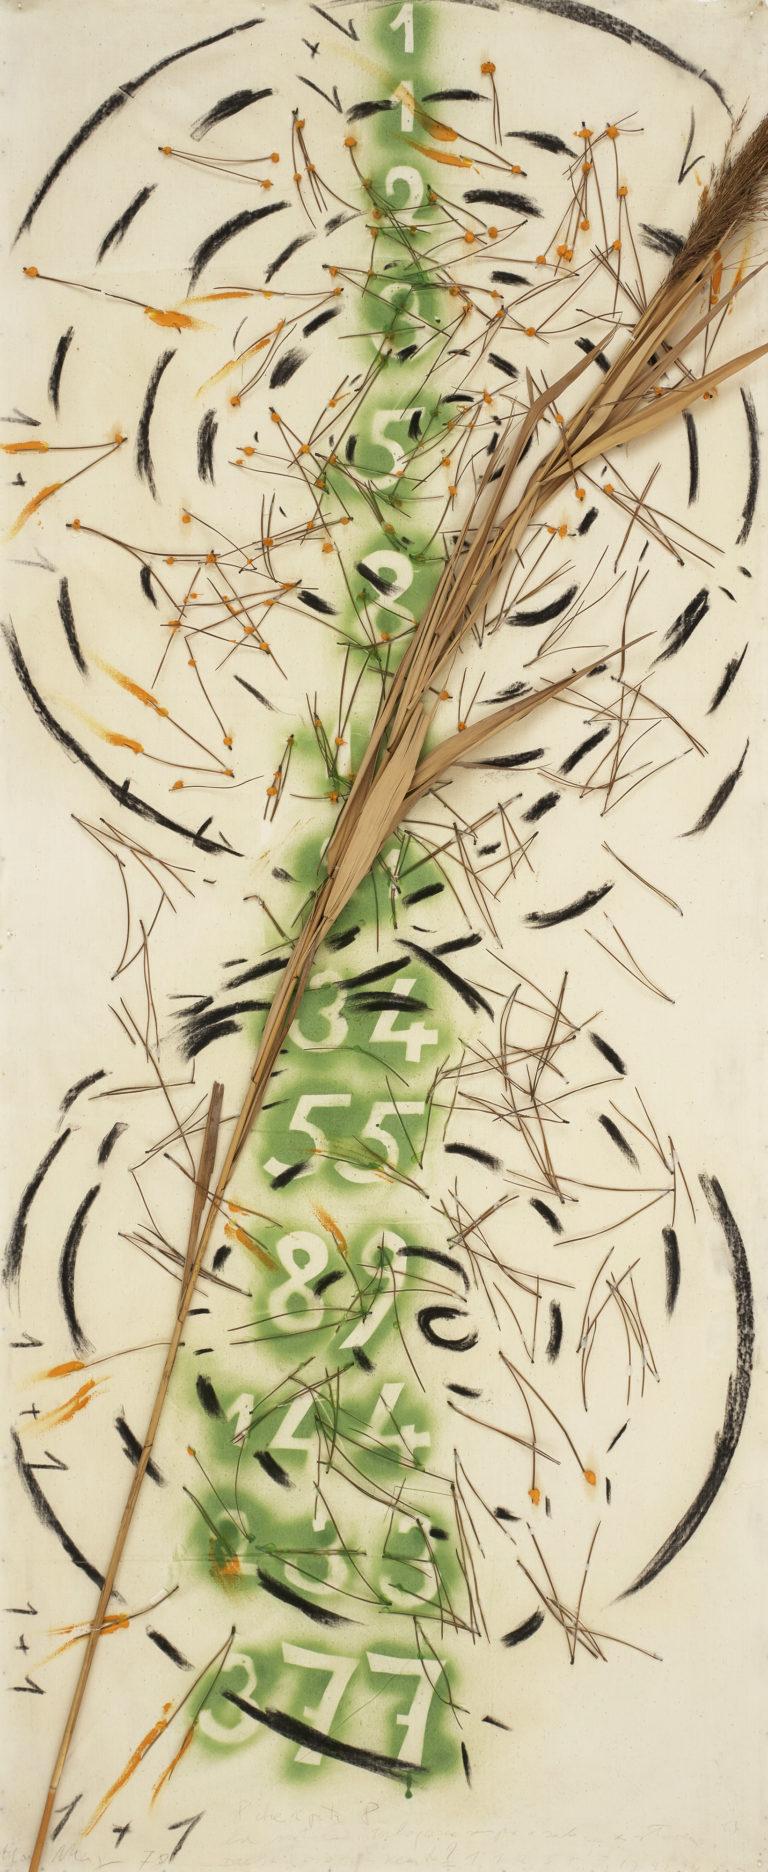 Mario Merz , 8 che riporta 8 - La natura interloquisce sempre e solo con se stessa ? Paesaggio con vento - Fibonacci, 1978